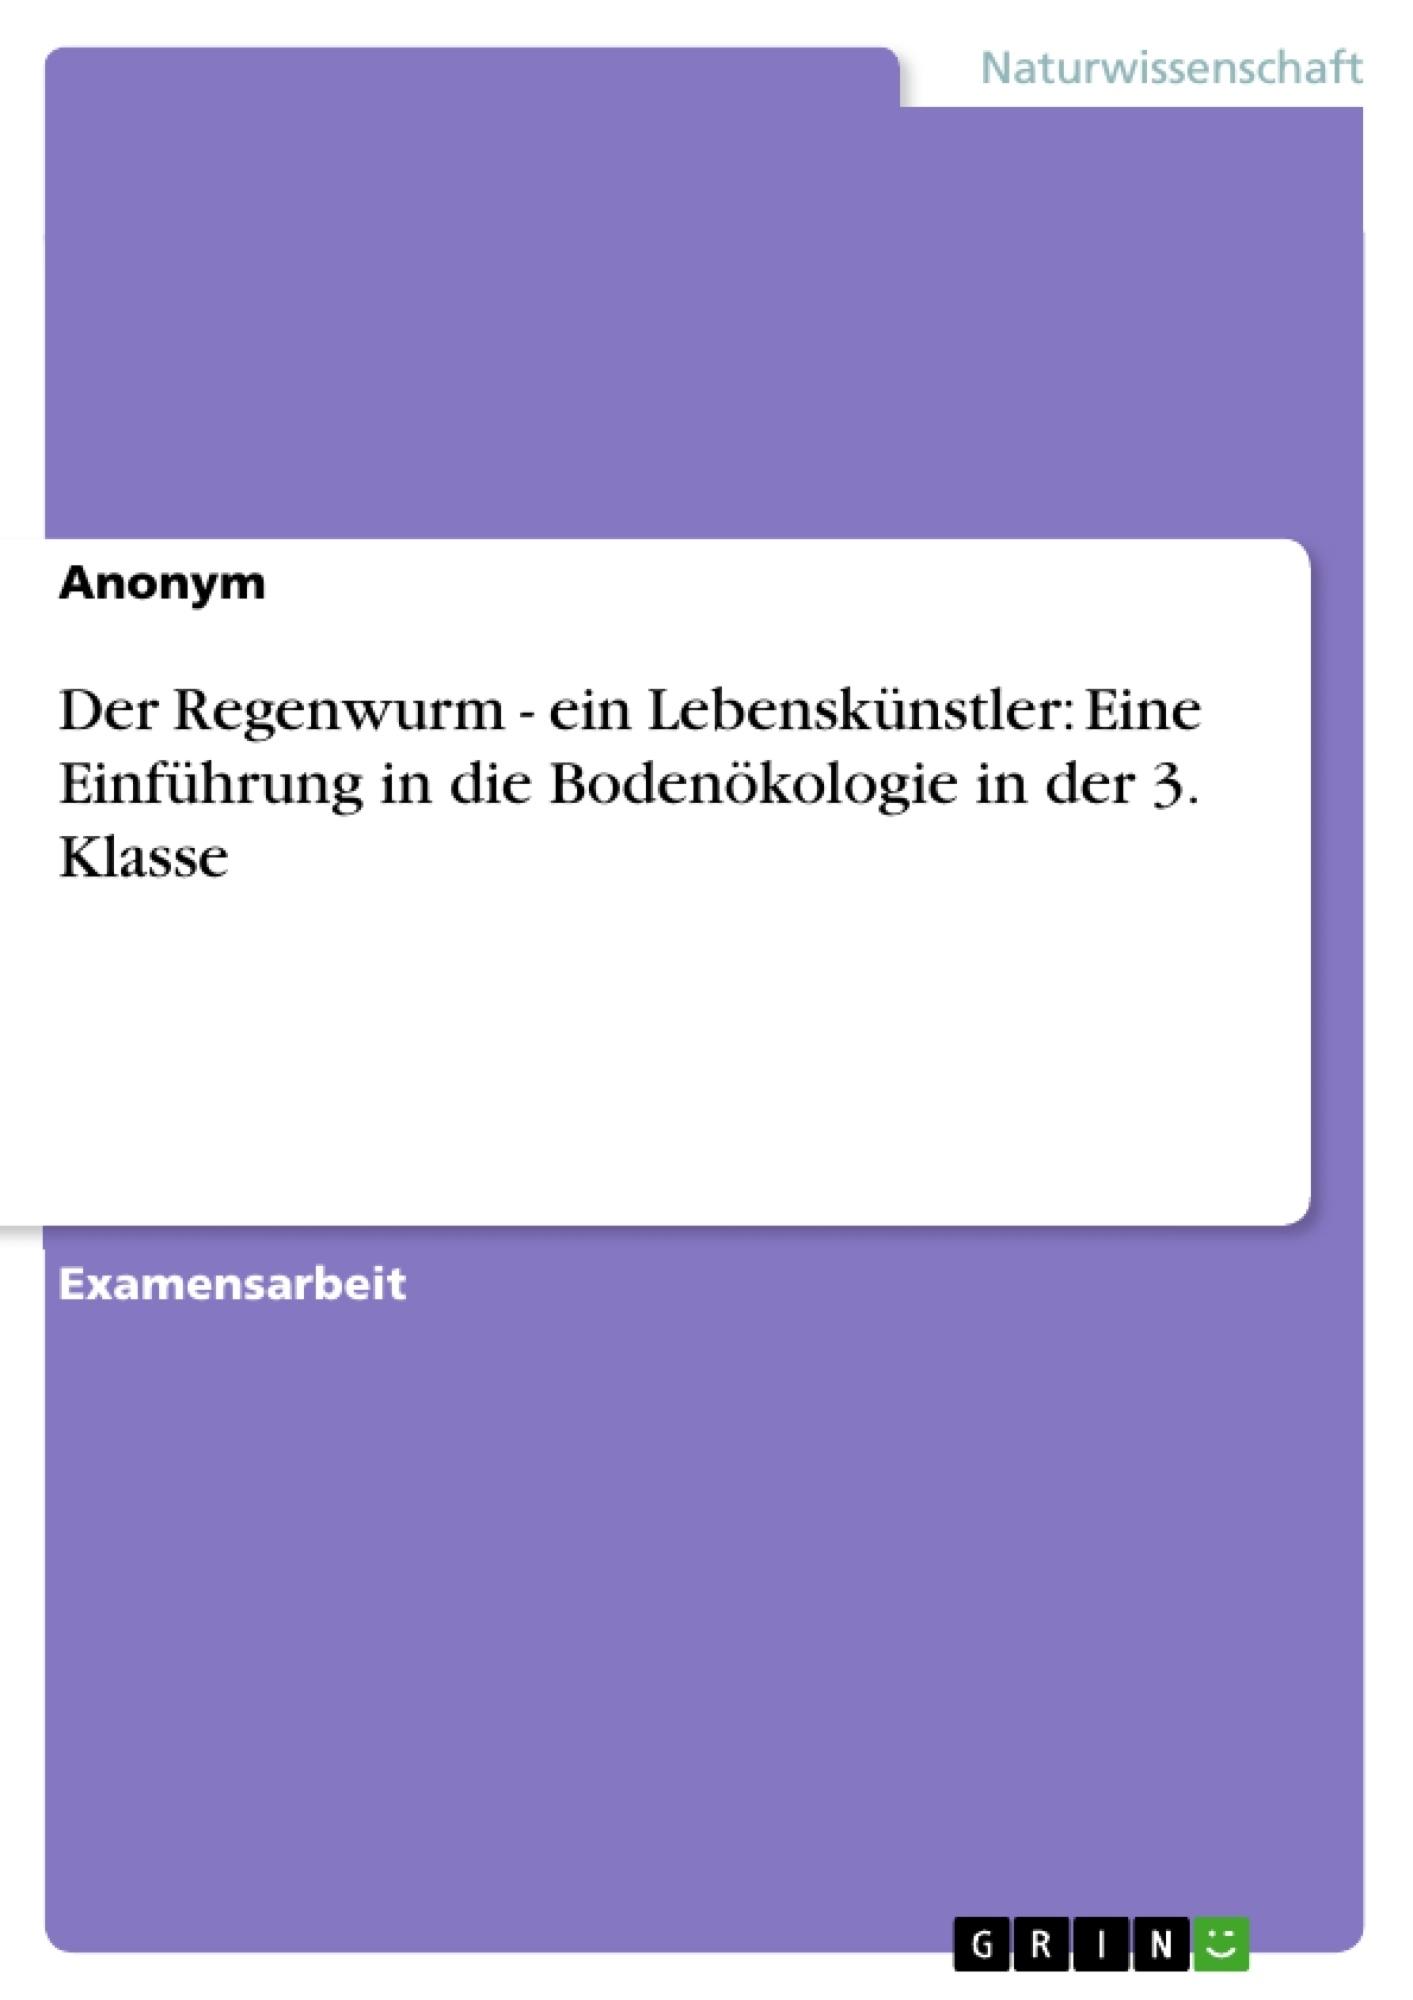 Titel: Der Regenwurm - ein Lebenskünstler: Eine Einführung in die Bodenökologie in der 3. Klasse